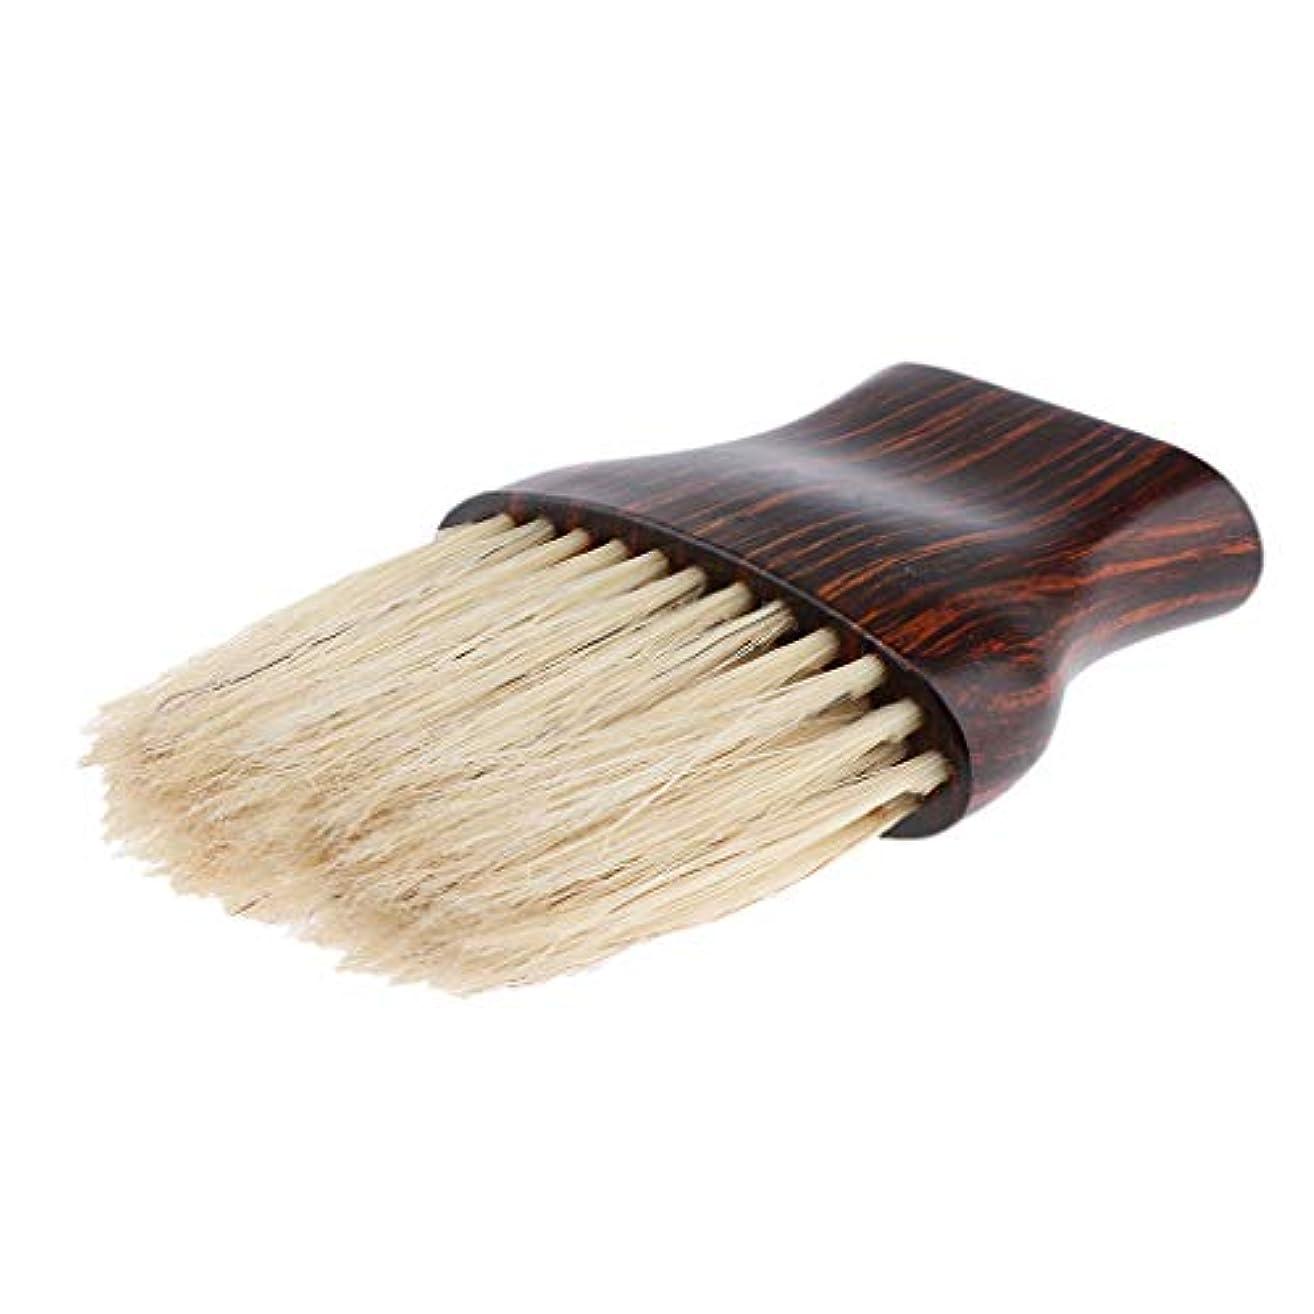 シルクダース噛むToygogo ネックダスターブラシ ヘアカットブラシ クリーニング ブラシ 毛払いブラシ 散髪 髪切り